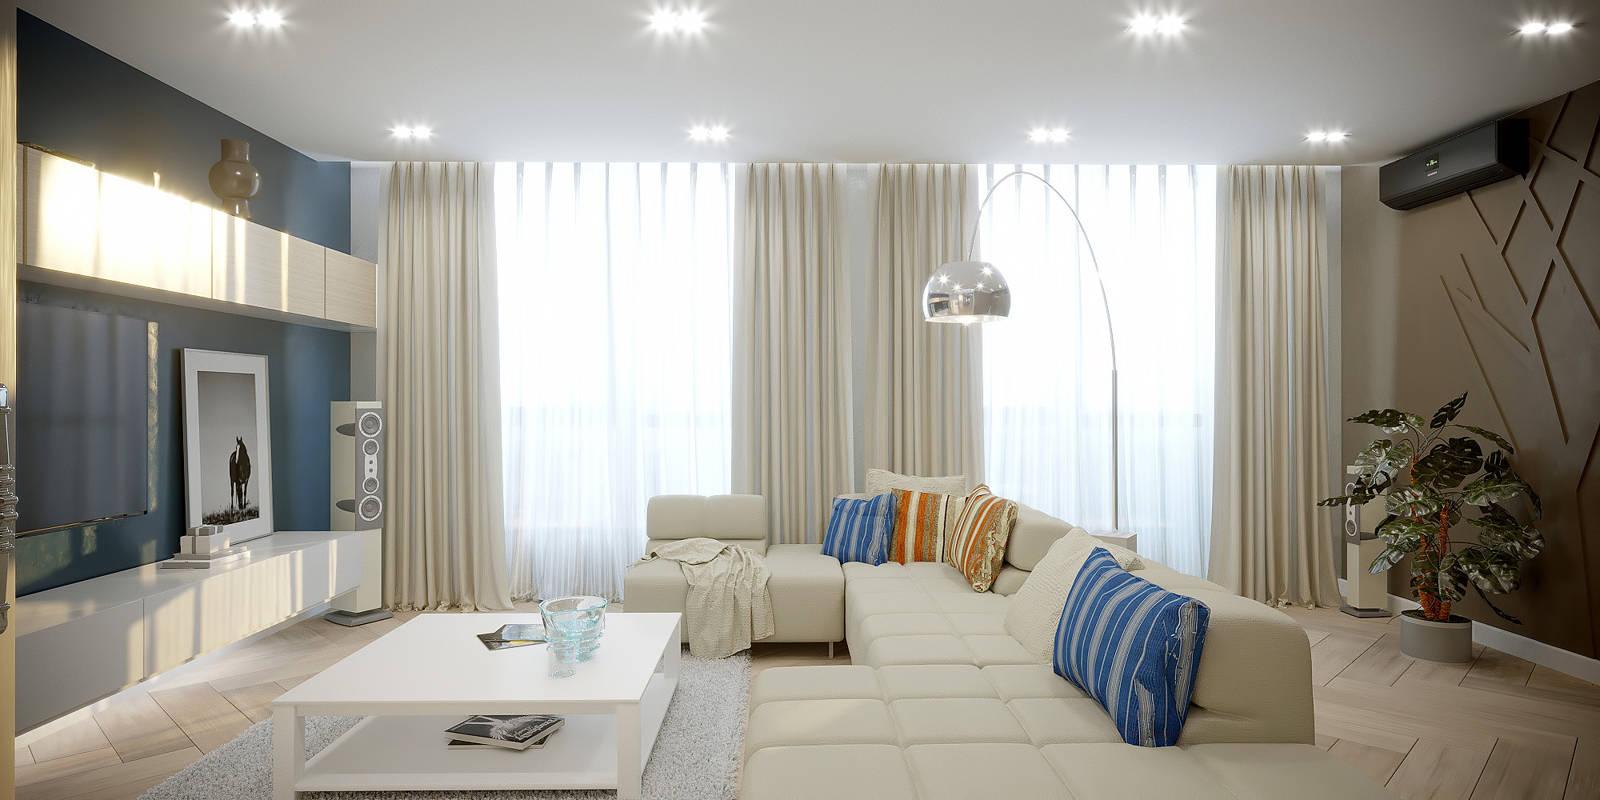 Дизайн интерьера гостиной в ЖК Автограф Киев.